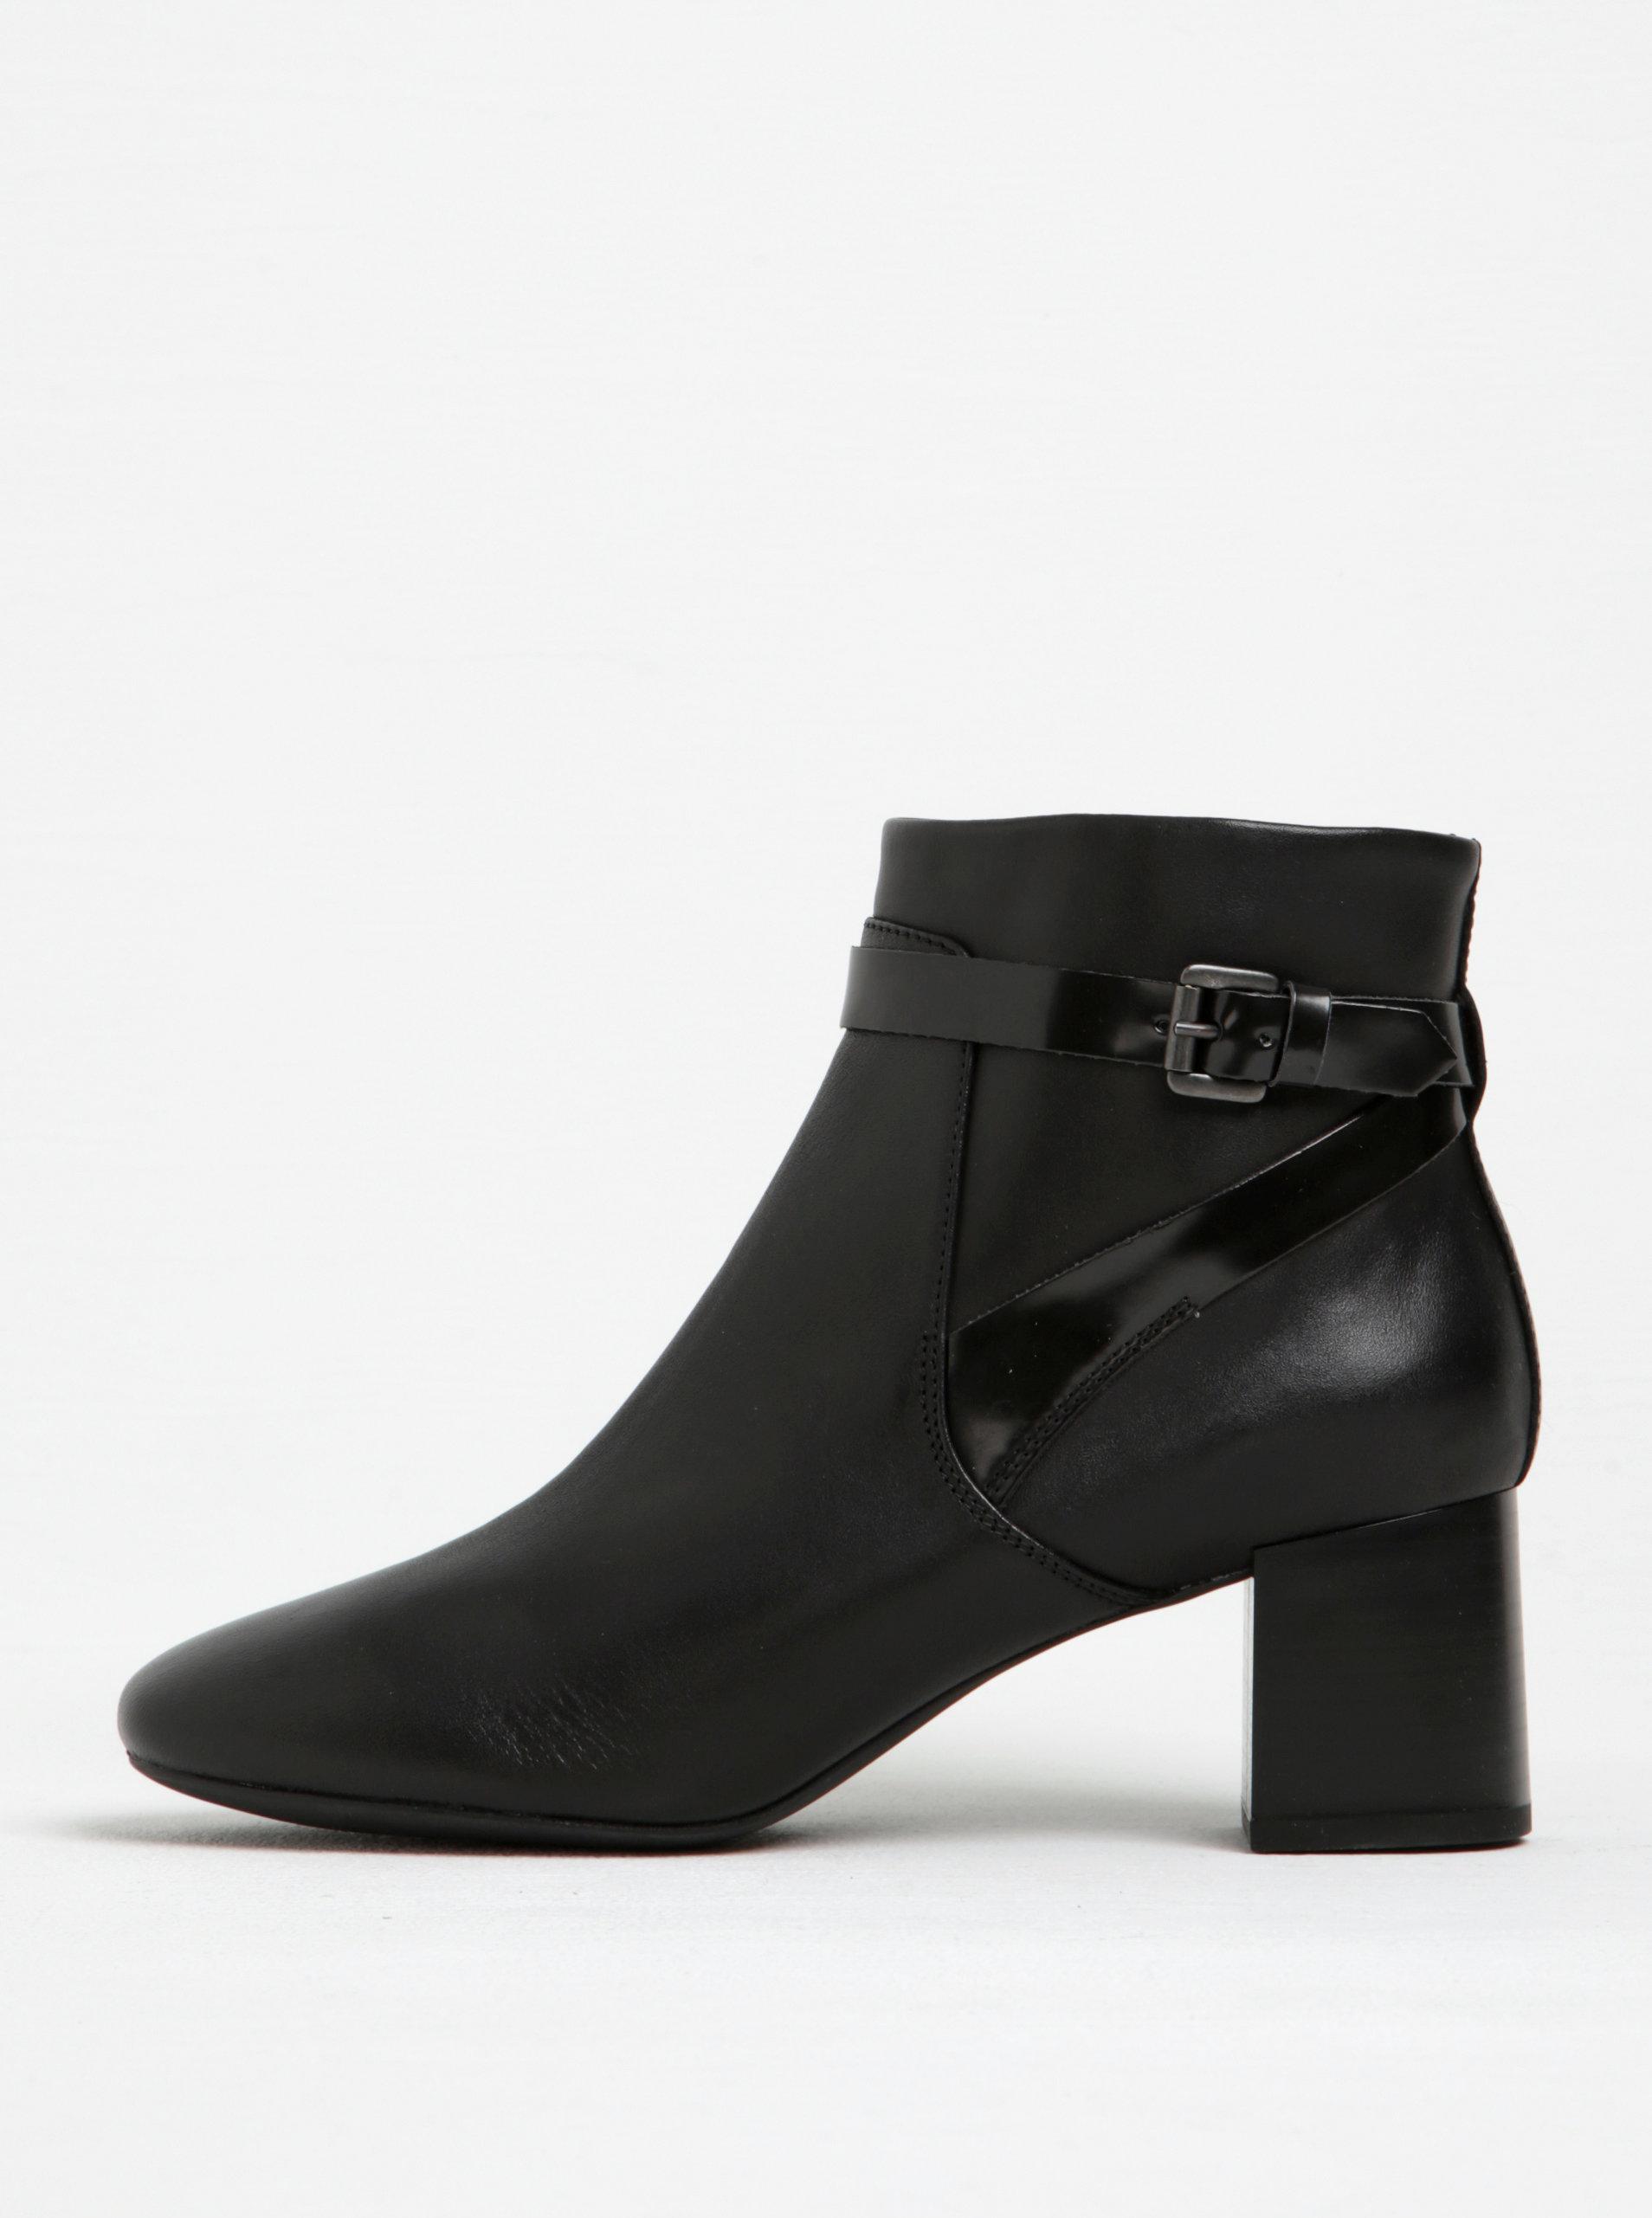 Čierne dámske kožené členkové topánky na podpätku Geox Audalies ... a2a3f84943a